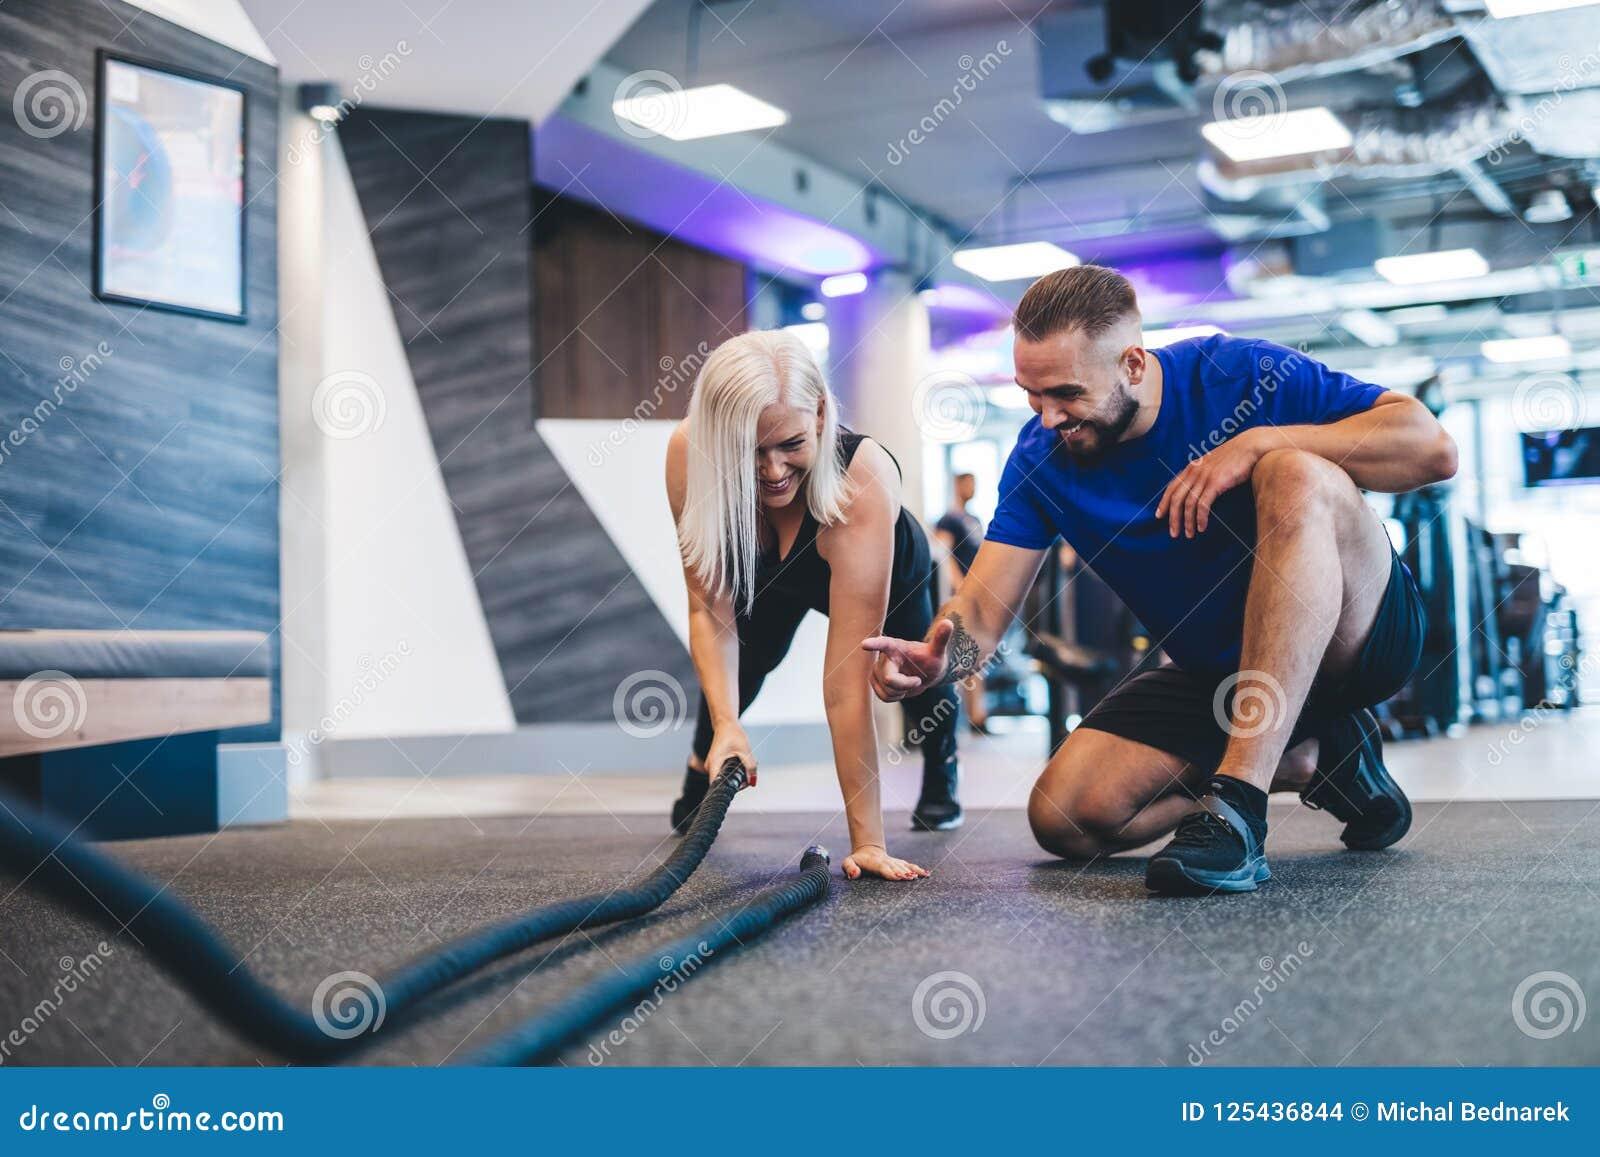 Instructor de gimnasio y una mujer que ejercita en el gimnasio